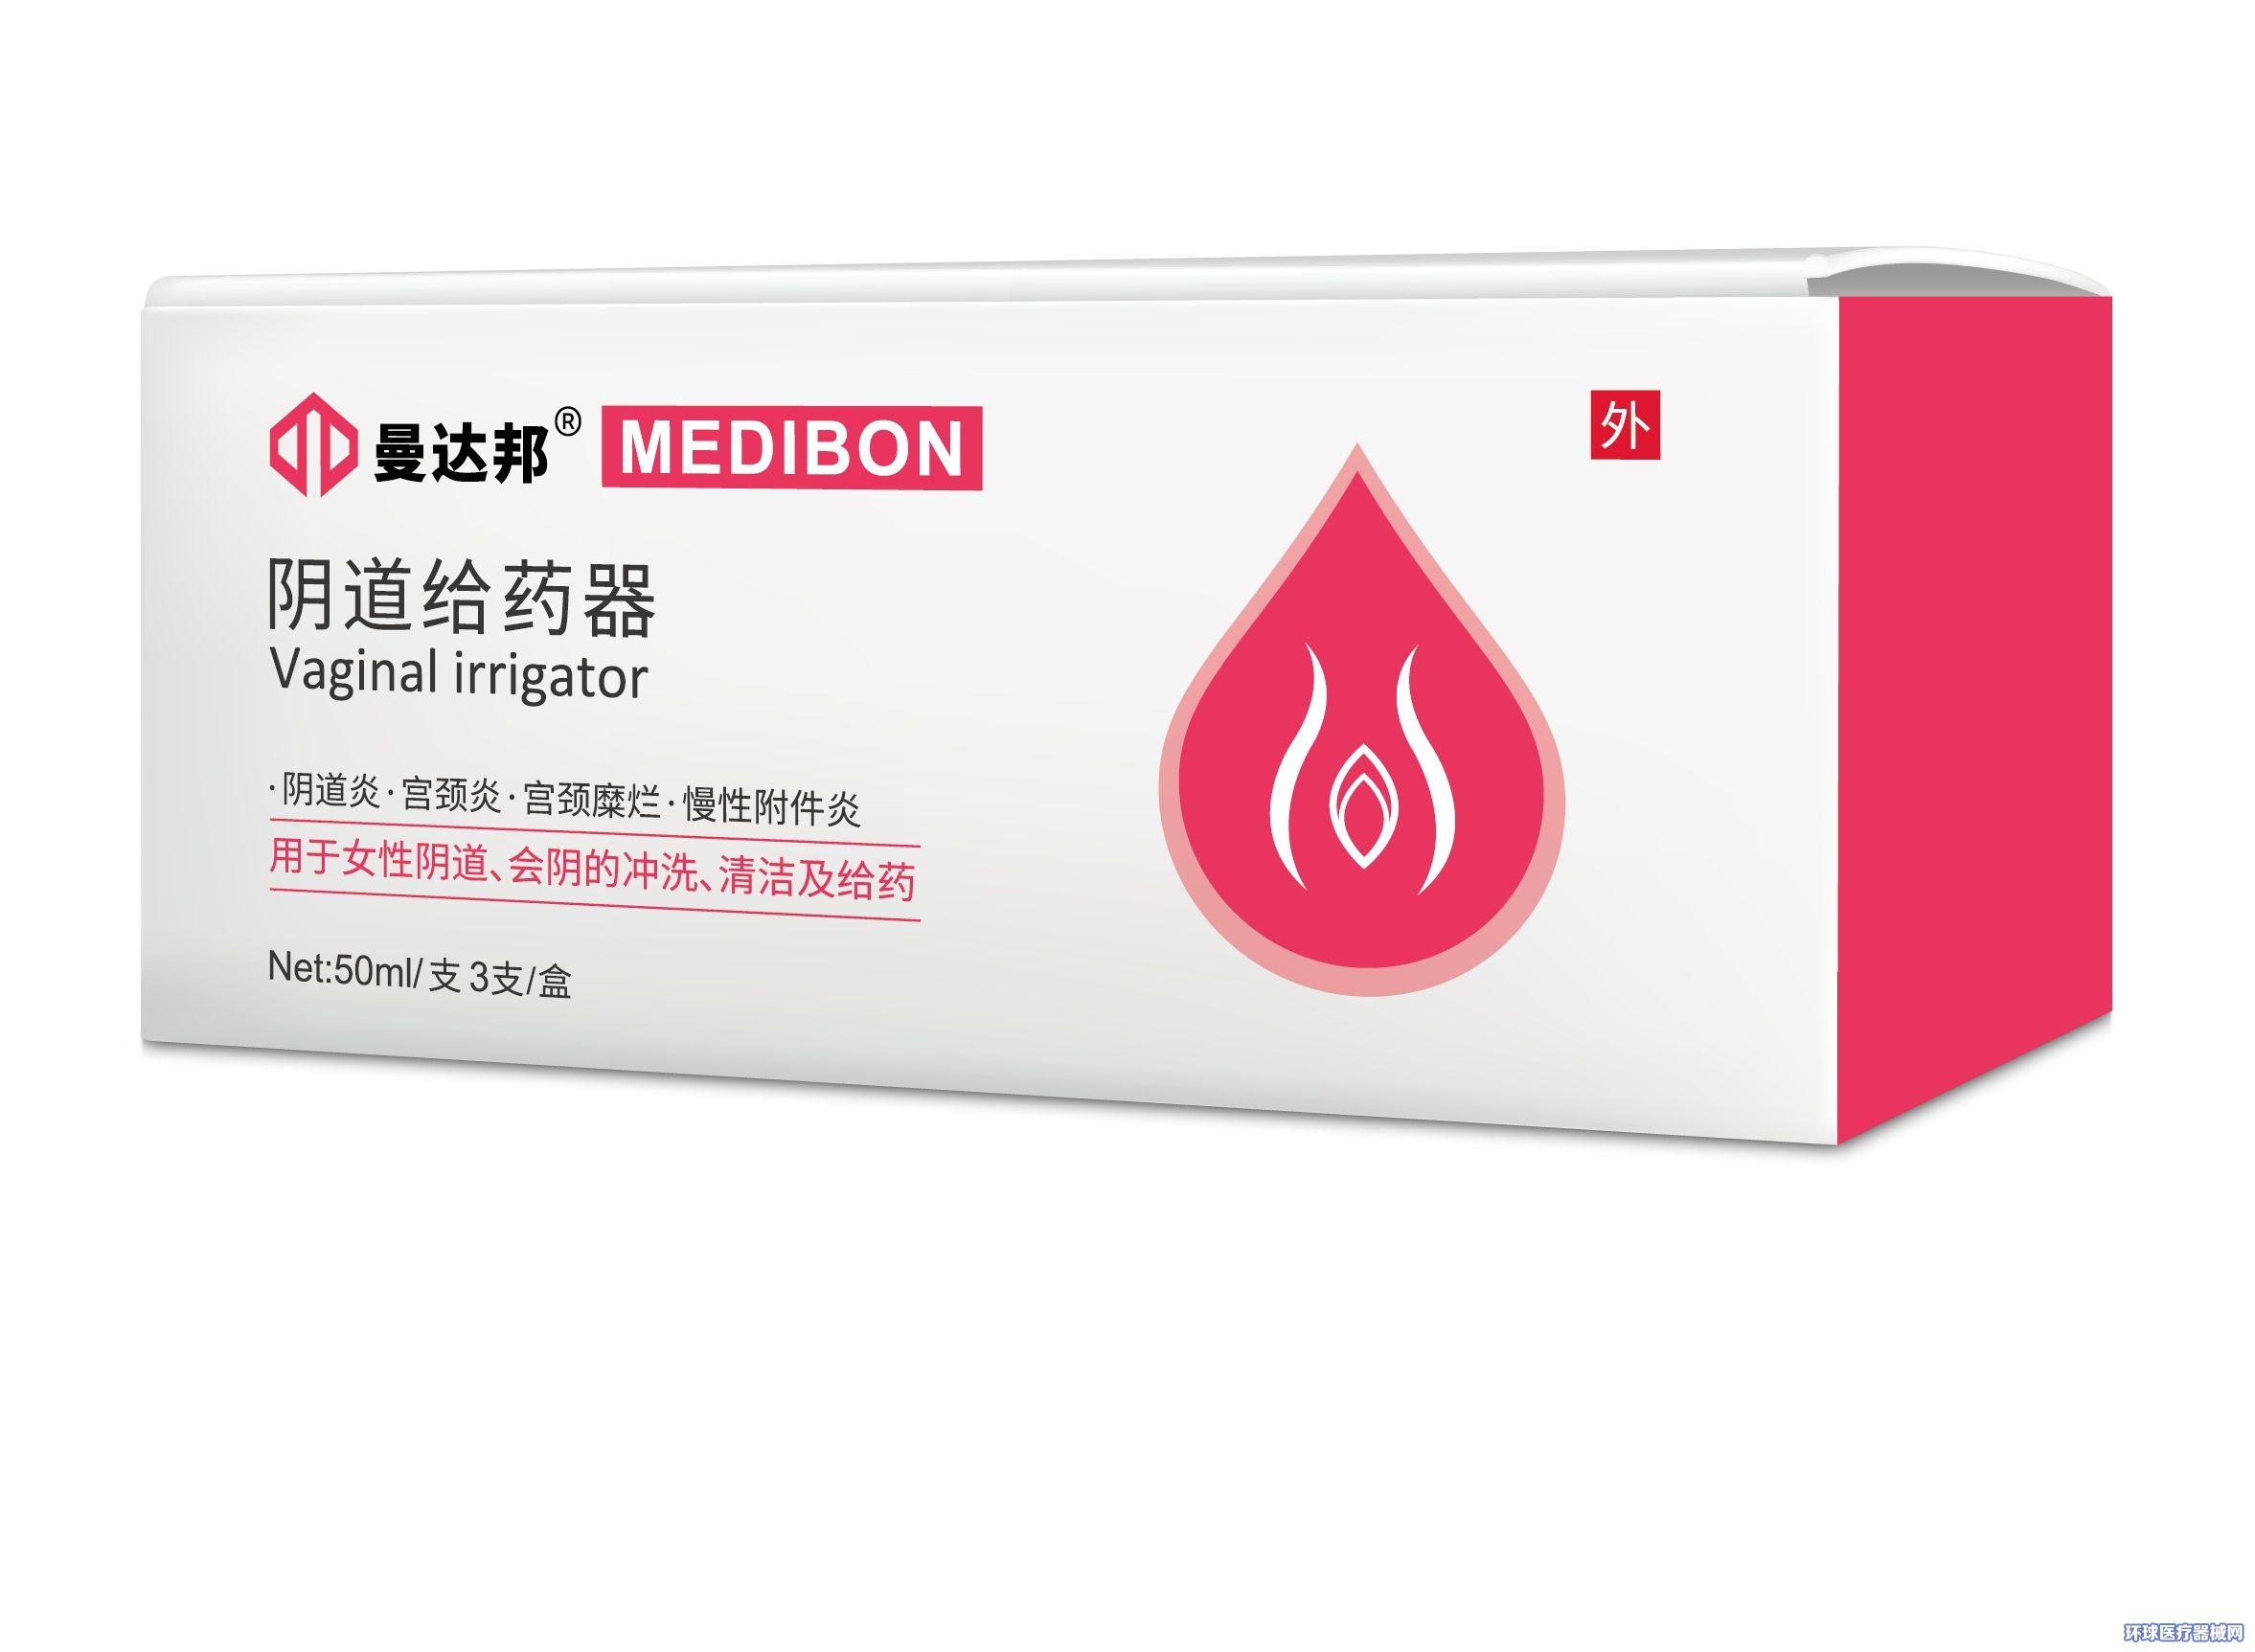 曼达邦医用阴道给药器(妇科阴道灌洗上药器)